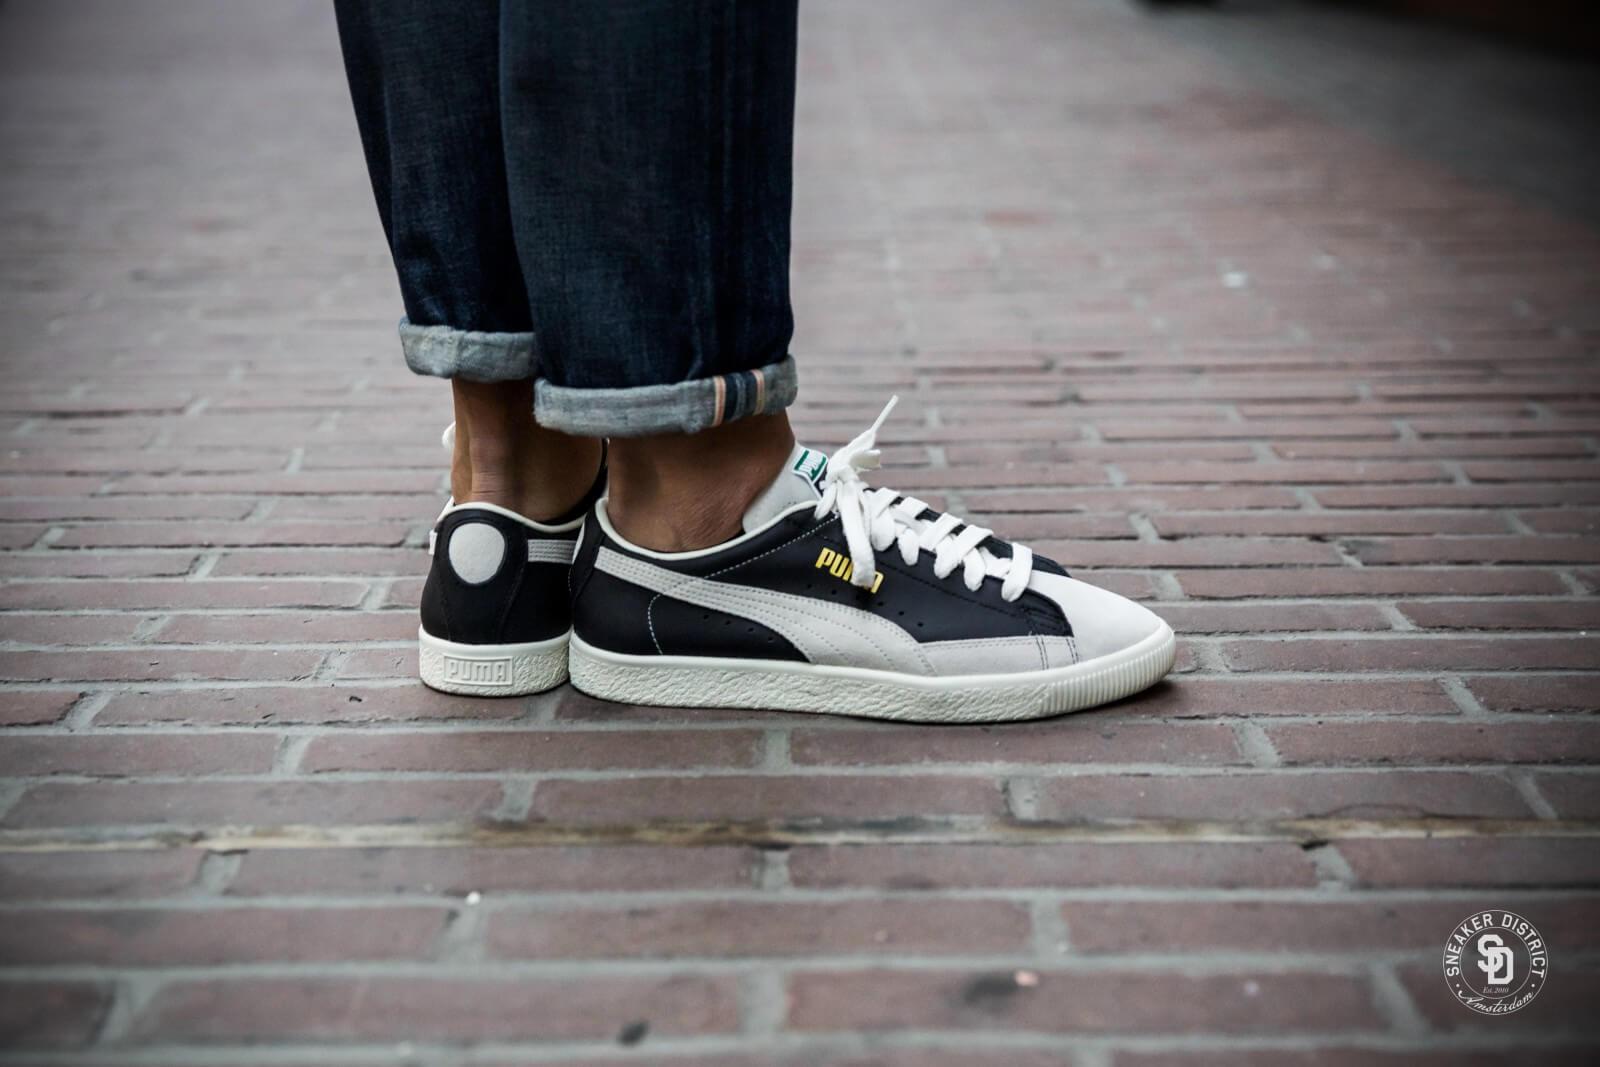 Compras > puma basket 90680 white black 54% OFF en línea